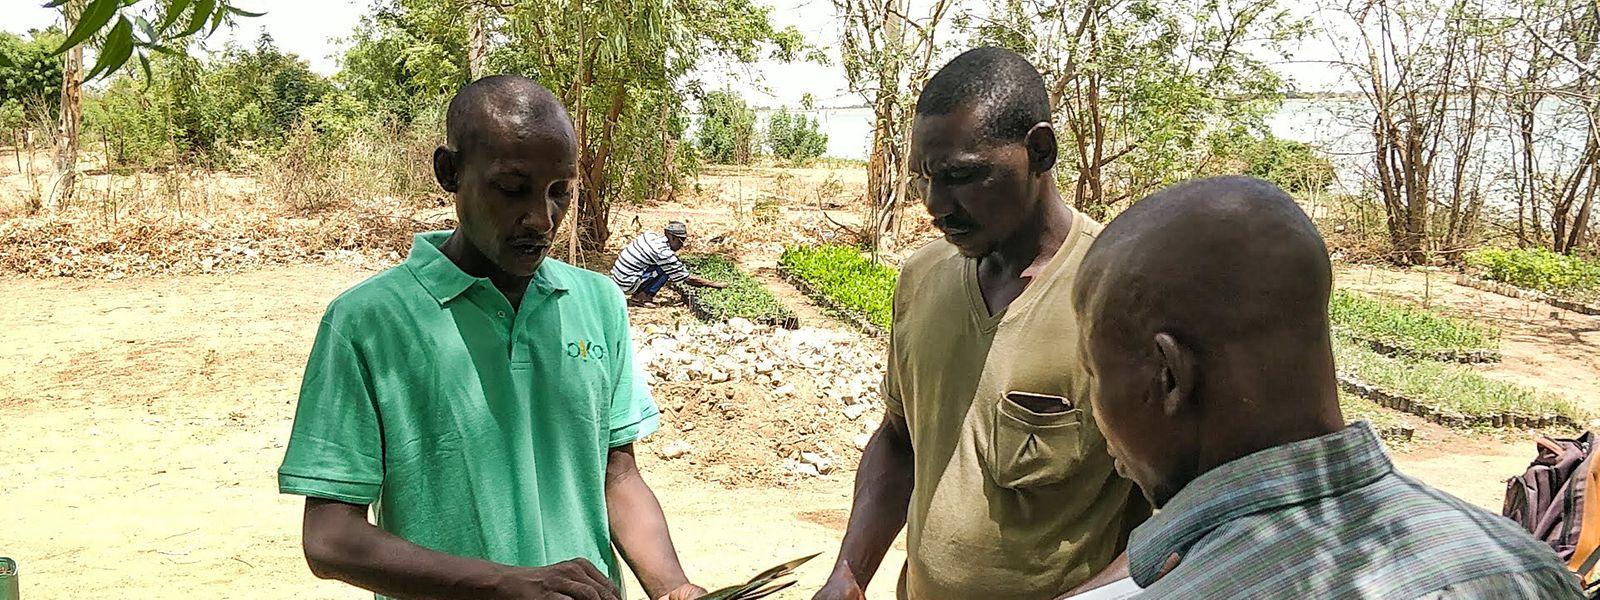 De nombreux agriculteurs en Afrique n'ont pas accès à un produit d'assurance adéquat pour protéger leurs exploitations.